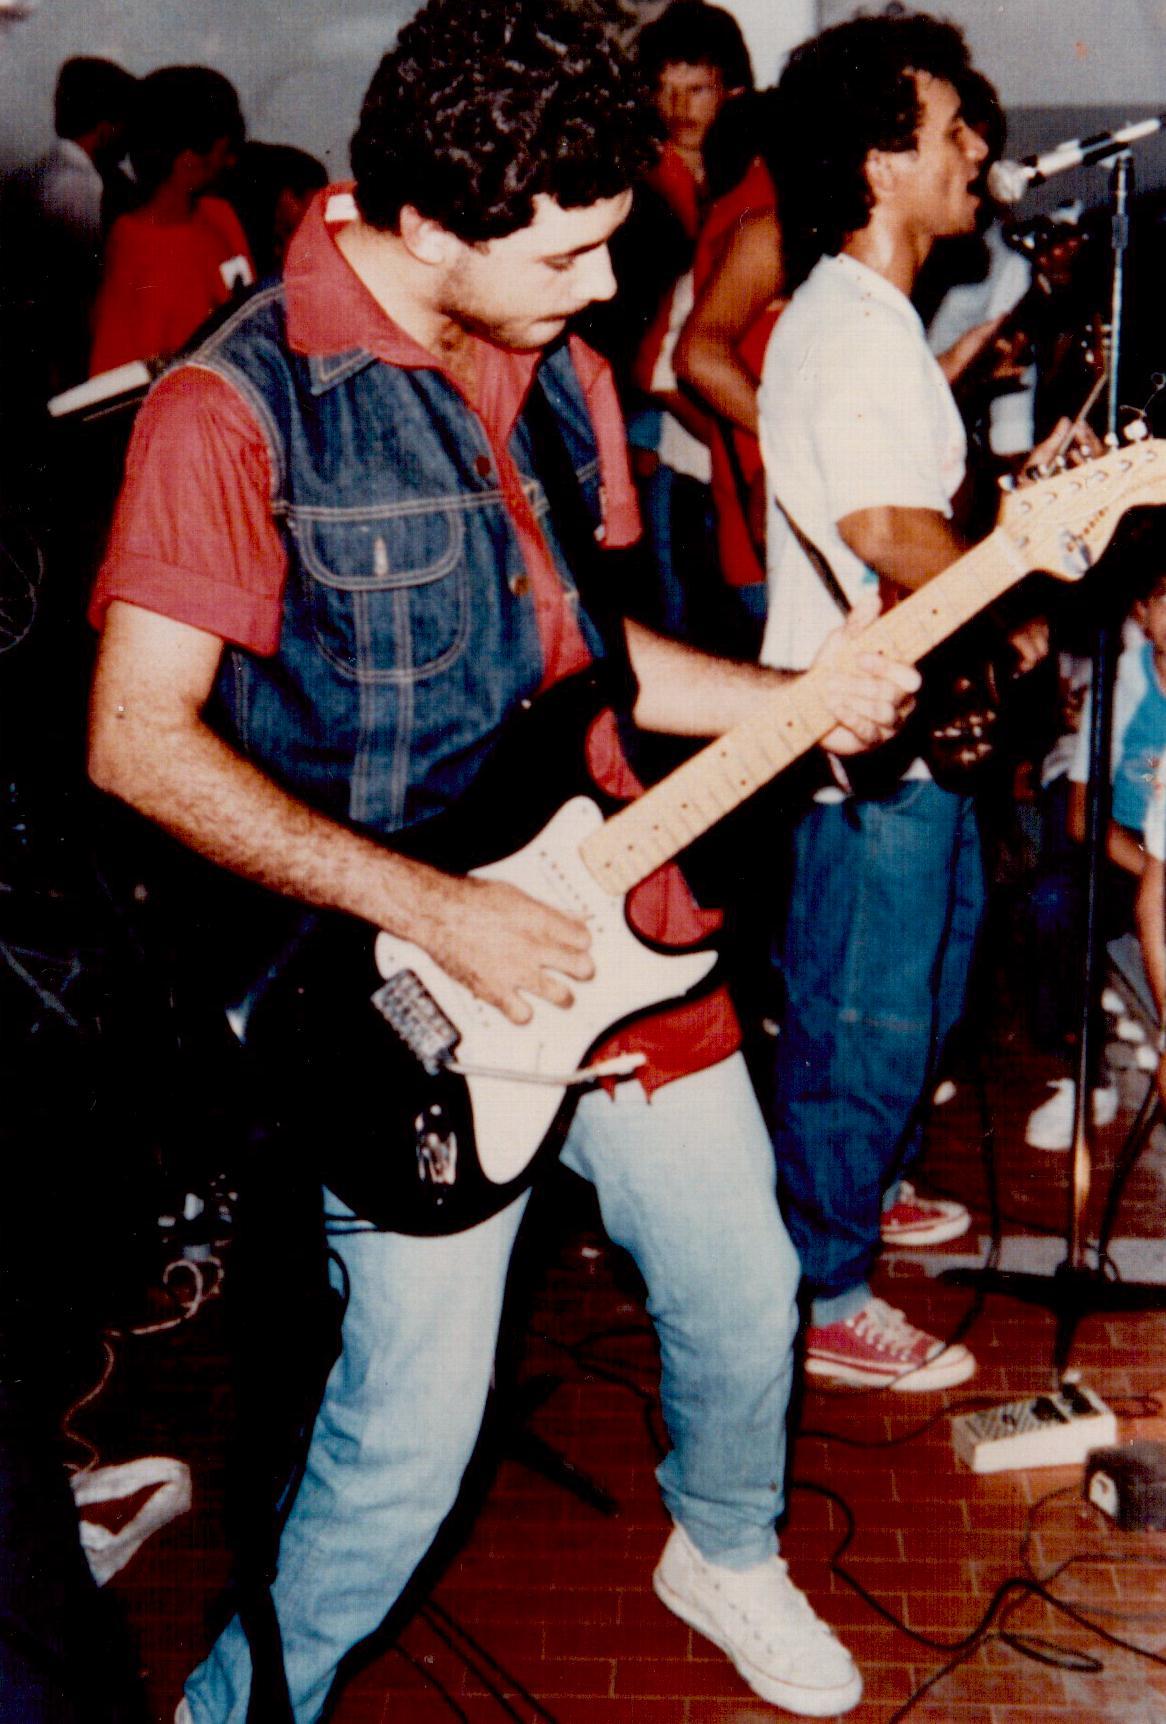 CAMILO E RICARDO - NO KILARIO - 1986